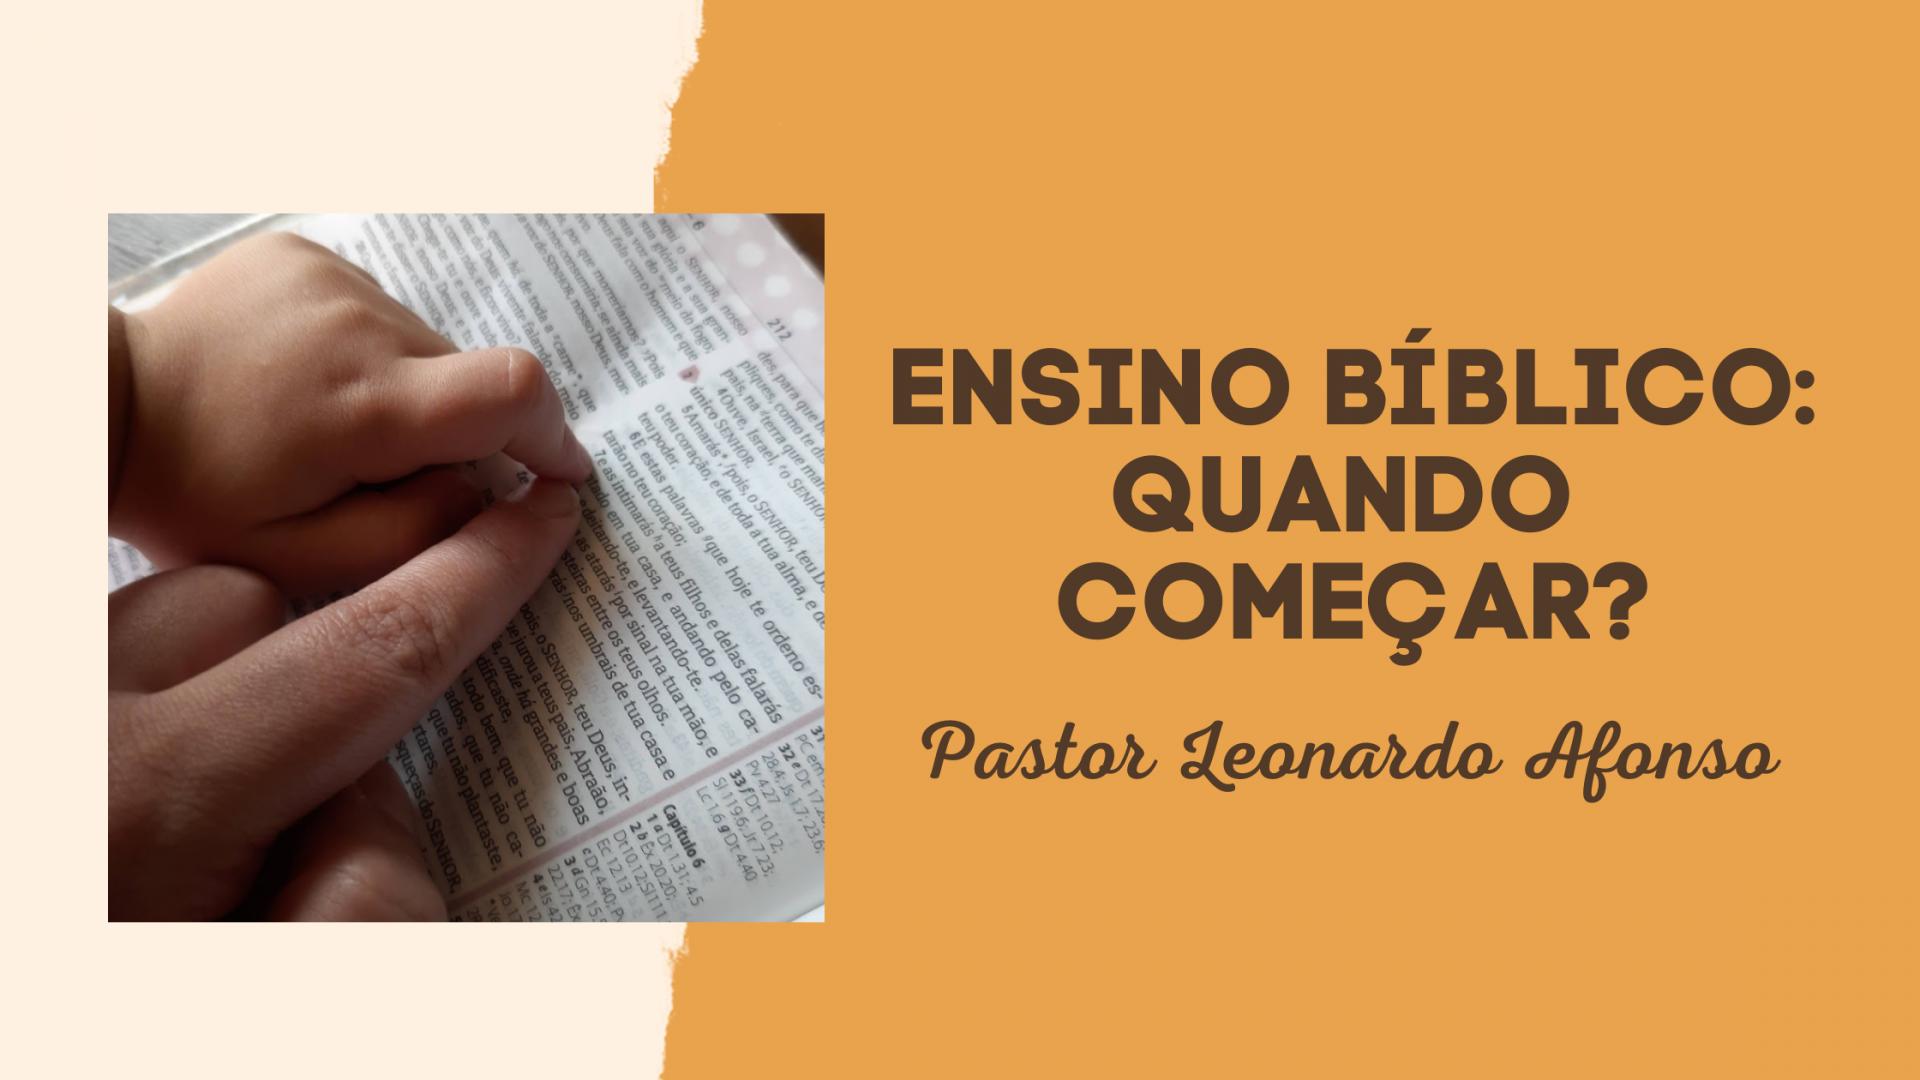 Ensino Bíblico: Quando começar?